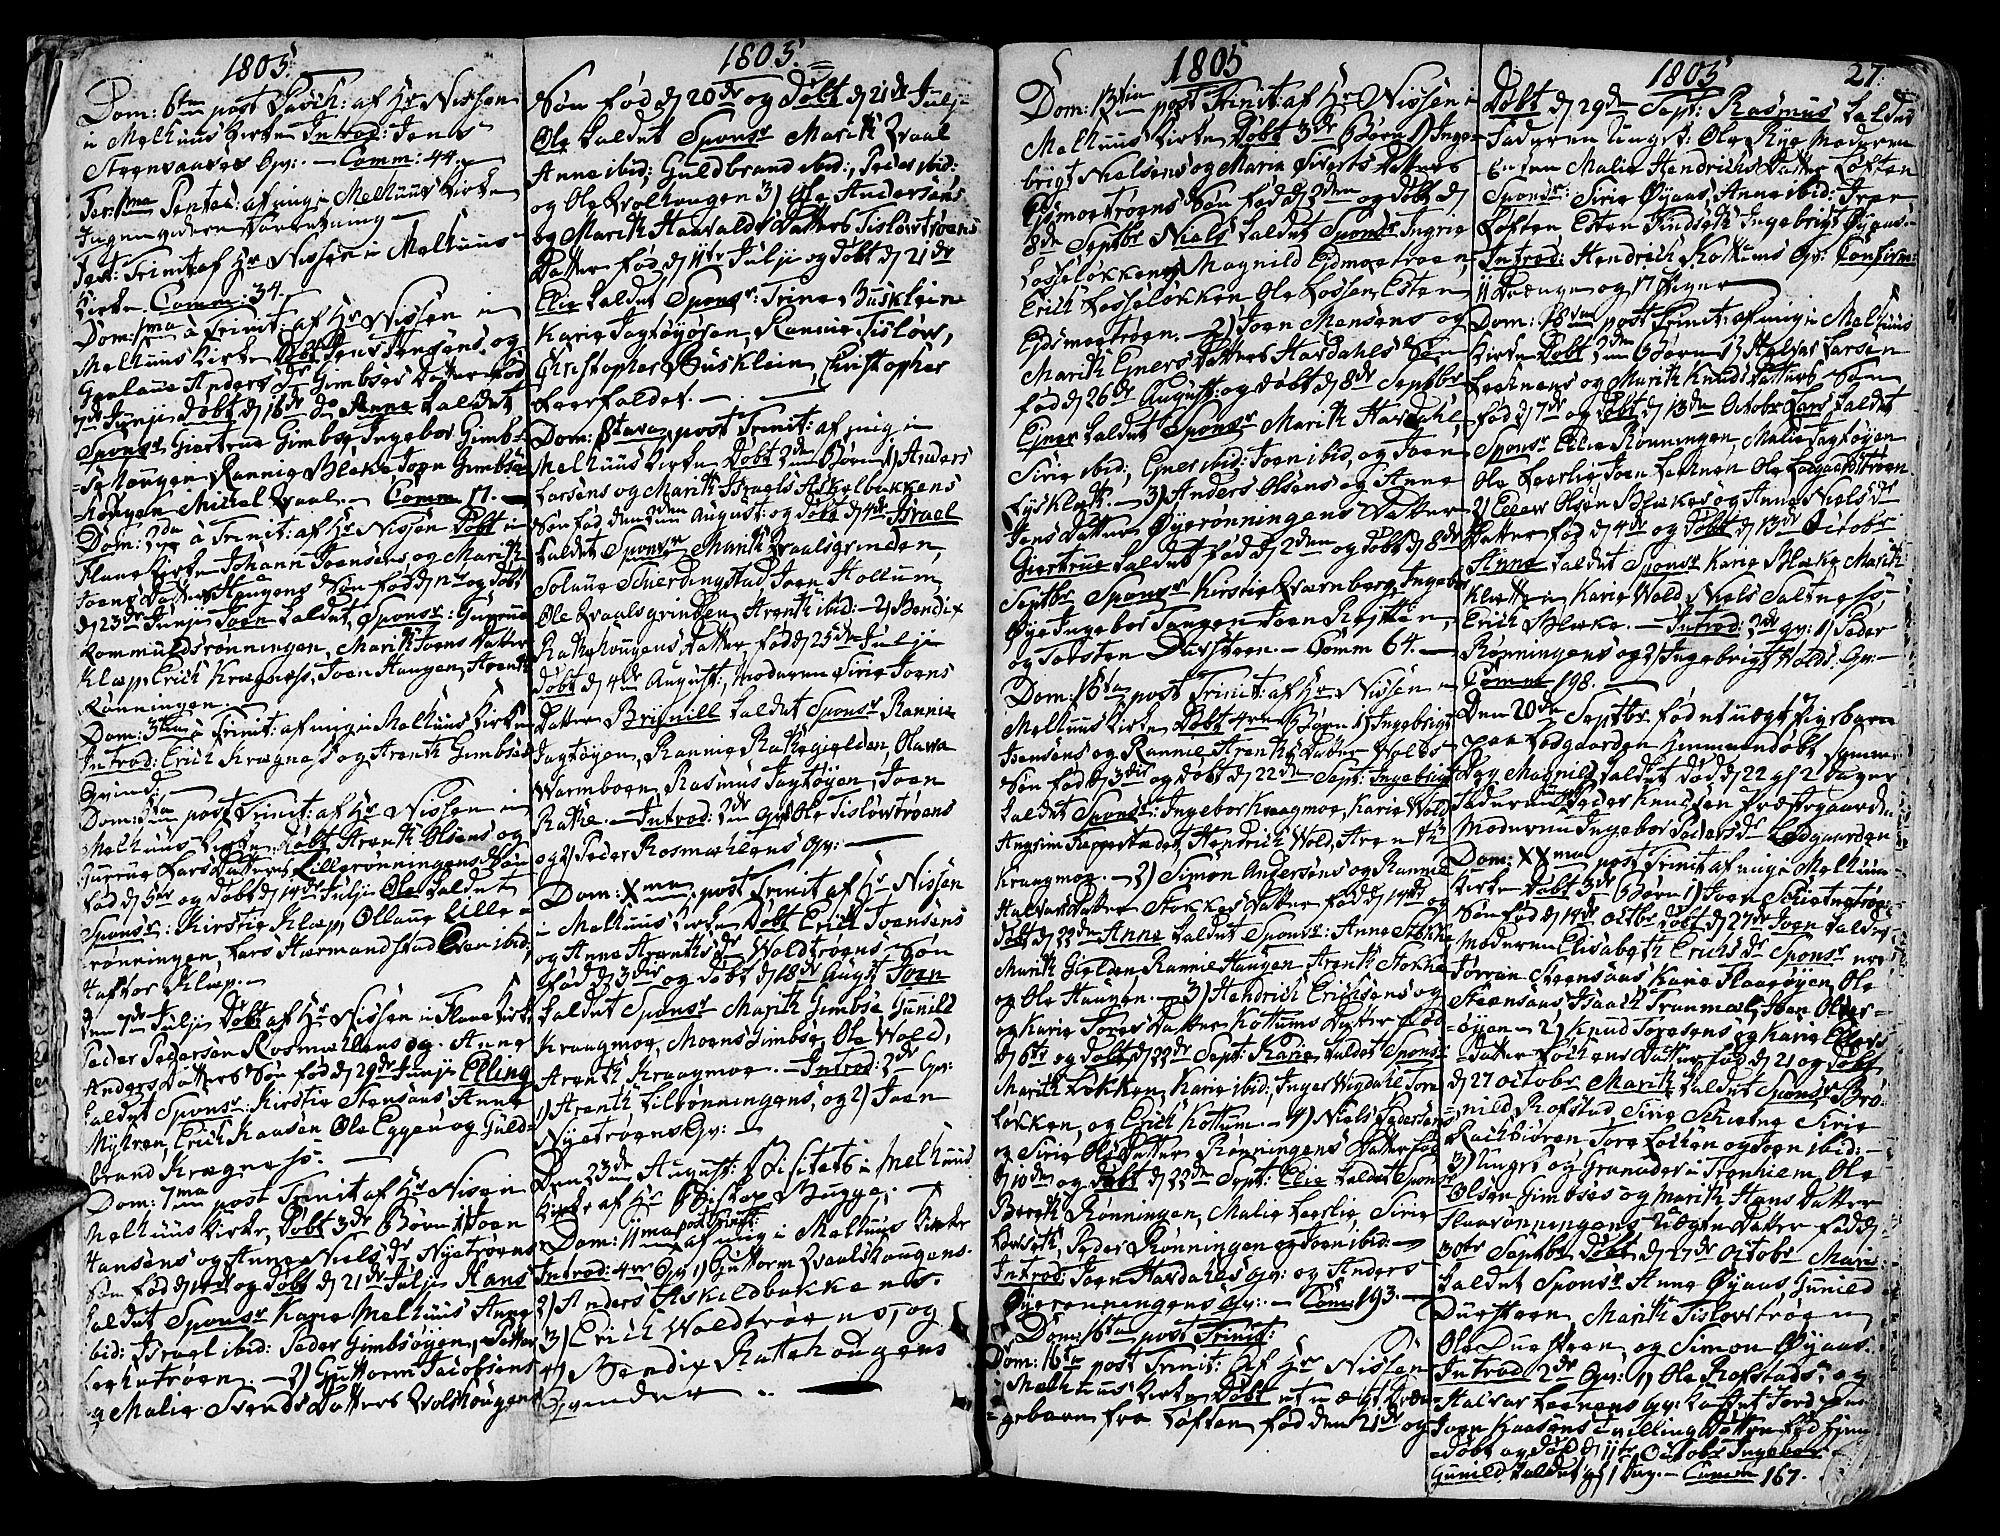 SAT, Ministerialprotokoller, klokkerbøker og fødselsregistre - Sør-Trøndelag, 691/L1061: Ministerialbok nr. 691A02 /1, 1768-1815, s. 27